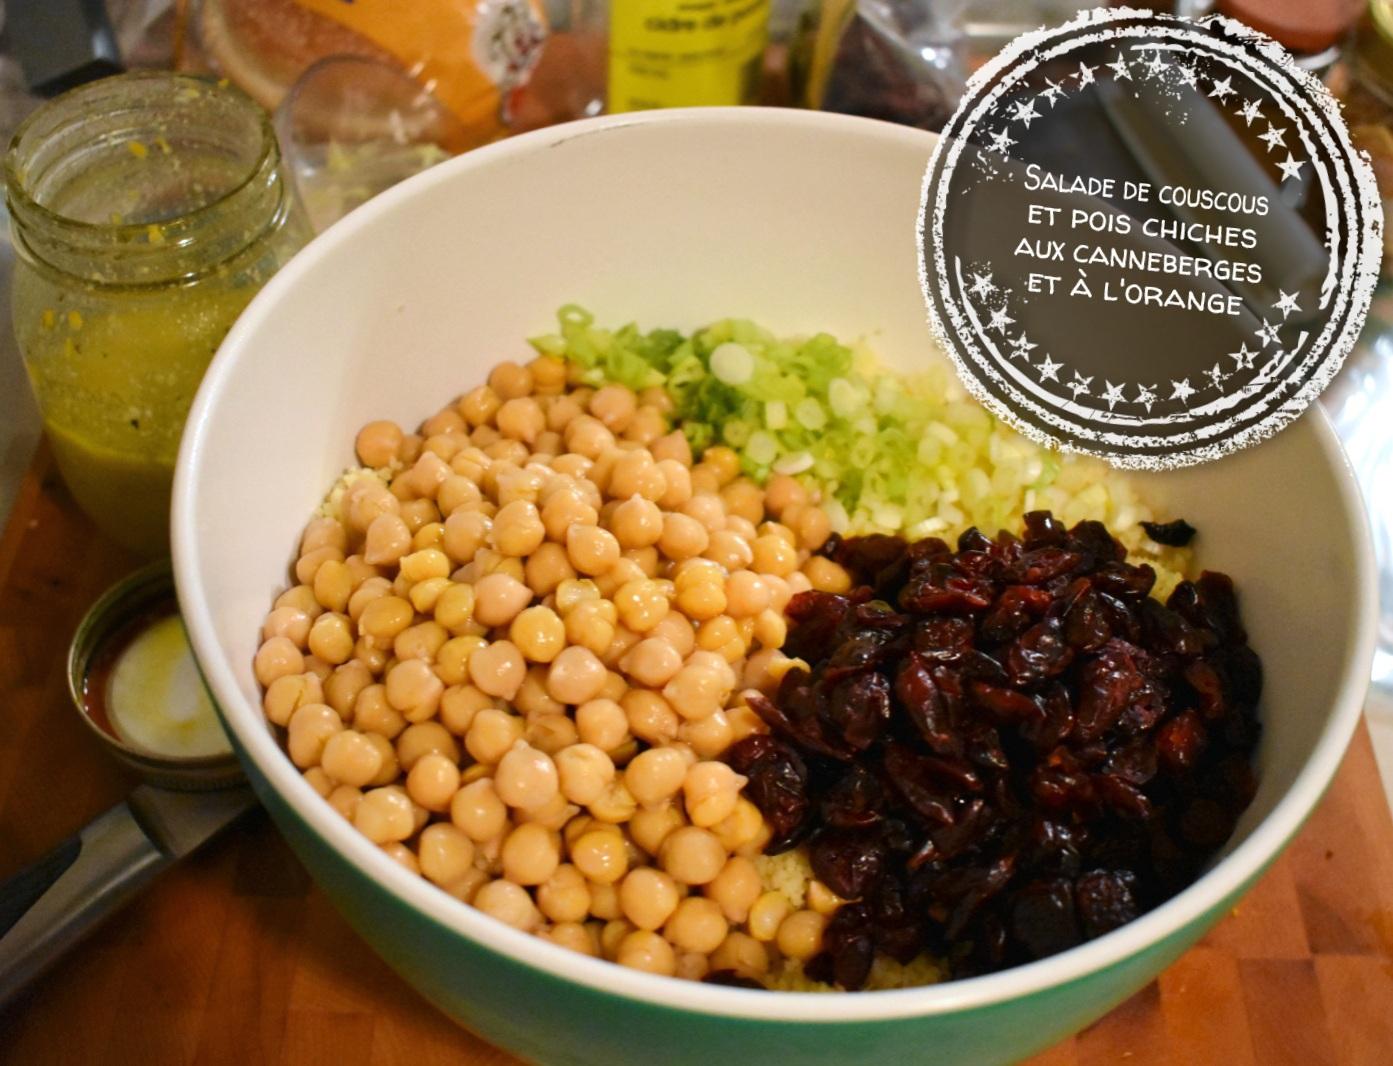 Salade de couscous et pois chiches aux canneberges et à l'orange - Auboutdelalangue.com